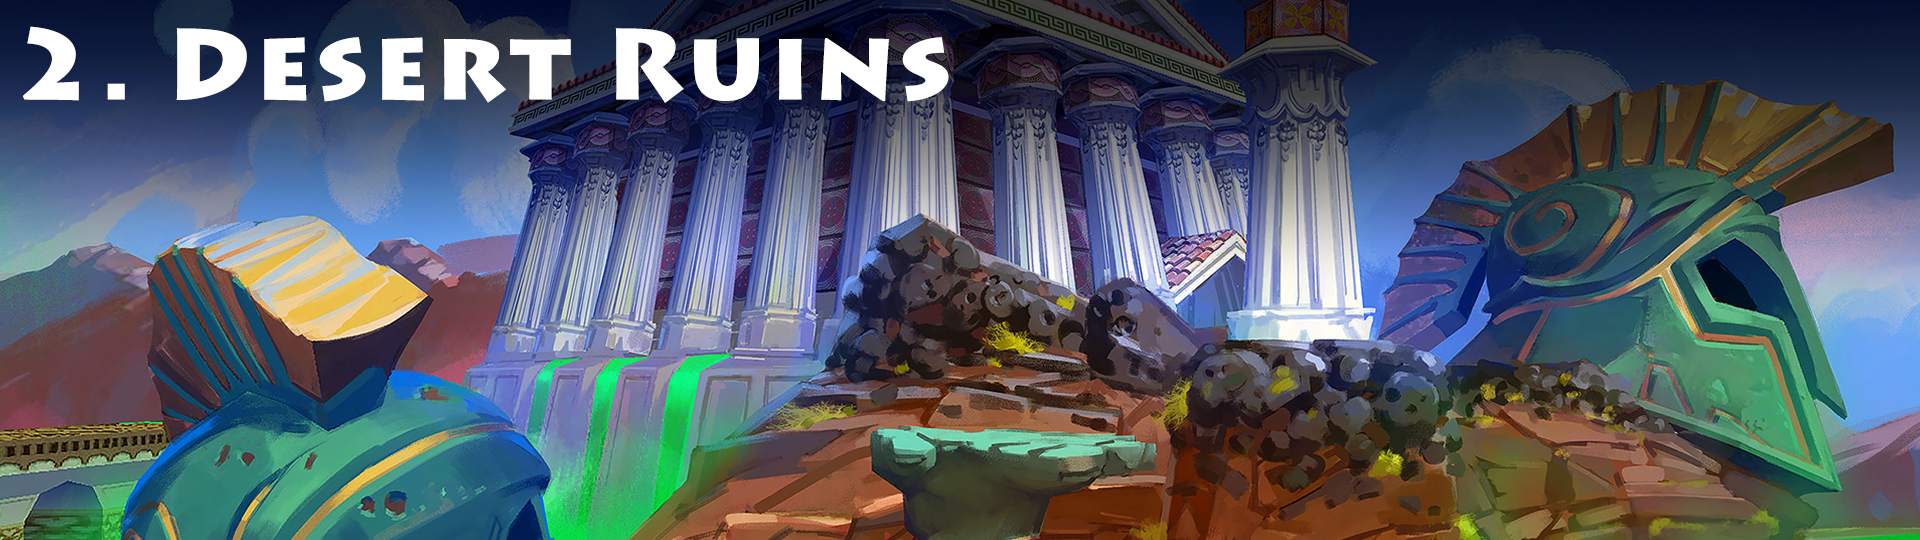 2. Desert Ruins